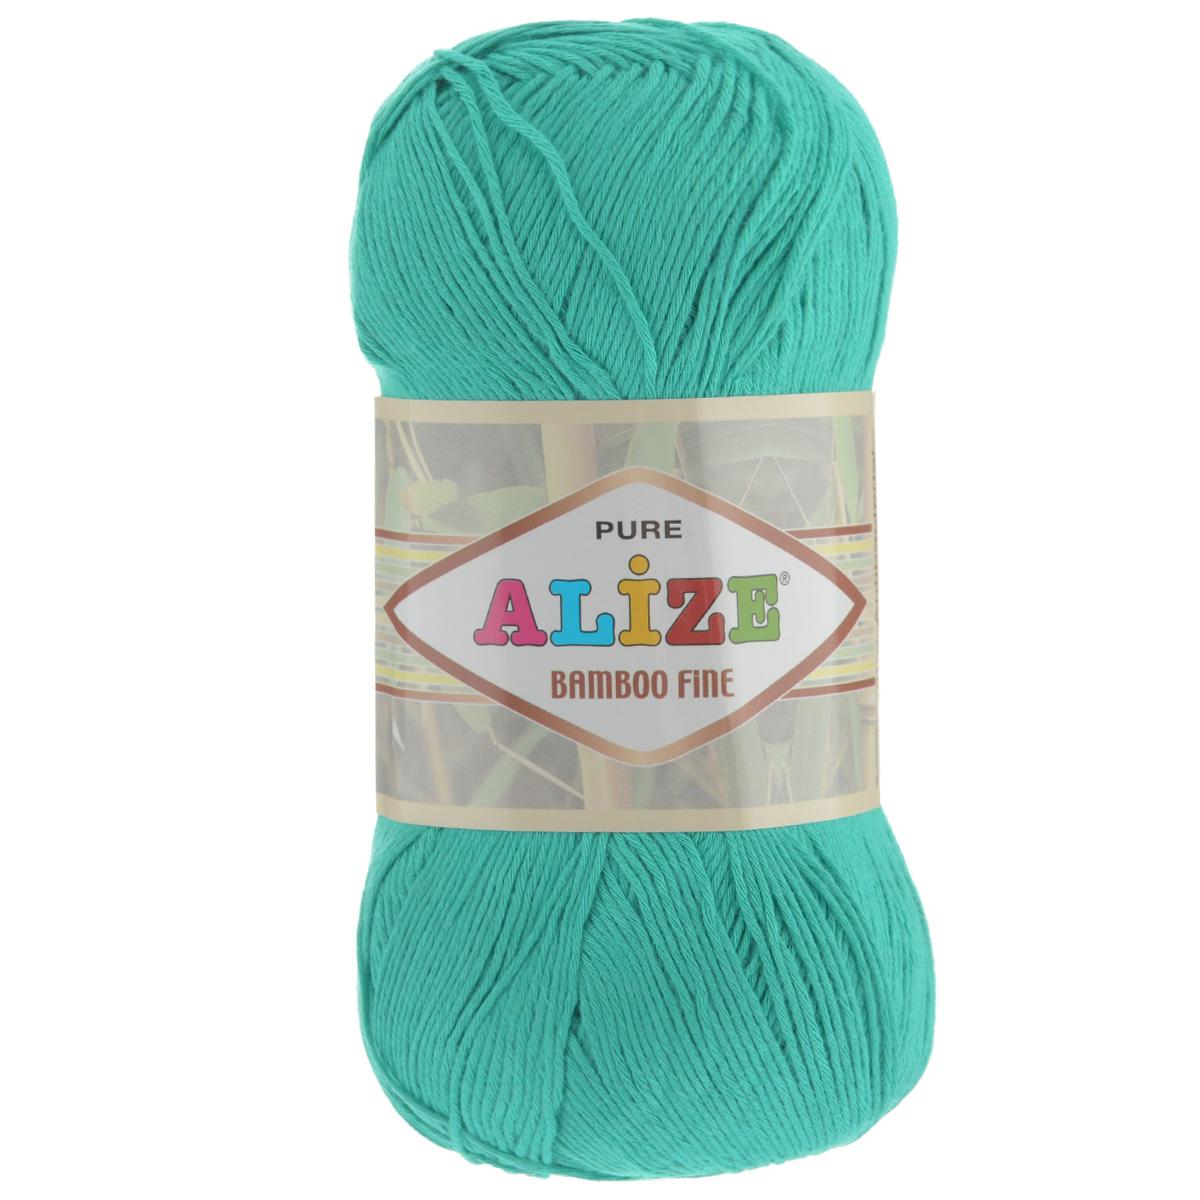 Пряжа для вязания Alize Bamboo Fine, цвет: светло-бирюзовый (610), 440 м, 100 г, 5 шт688988_610Пряжа Alize Bamboo Fine подходит для ручного вязания детям и взрослым. Пряжа однотонная, приятная на ощупь, хорошо лежит в полотне. Изделия из такой нити получаются мягкие и красивые. Рекомендованные спицы 2,5-3,5 мм и крючок для вязания 1-3 мм. Состав: 100% бамбук.